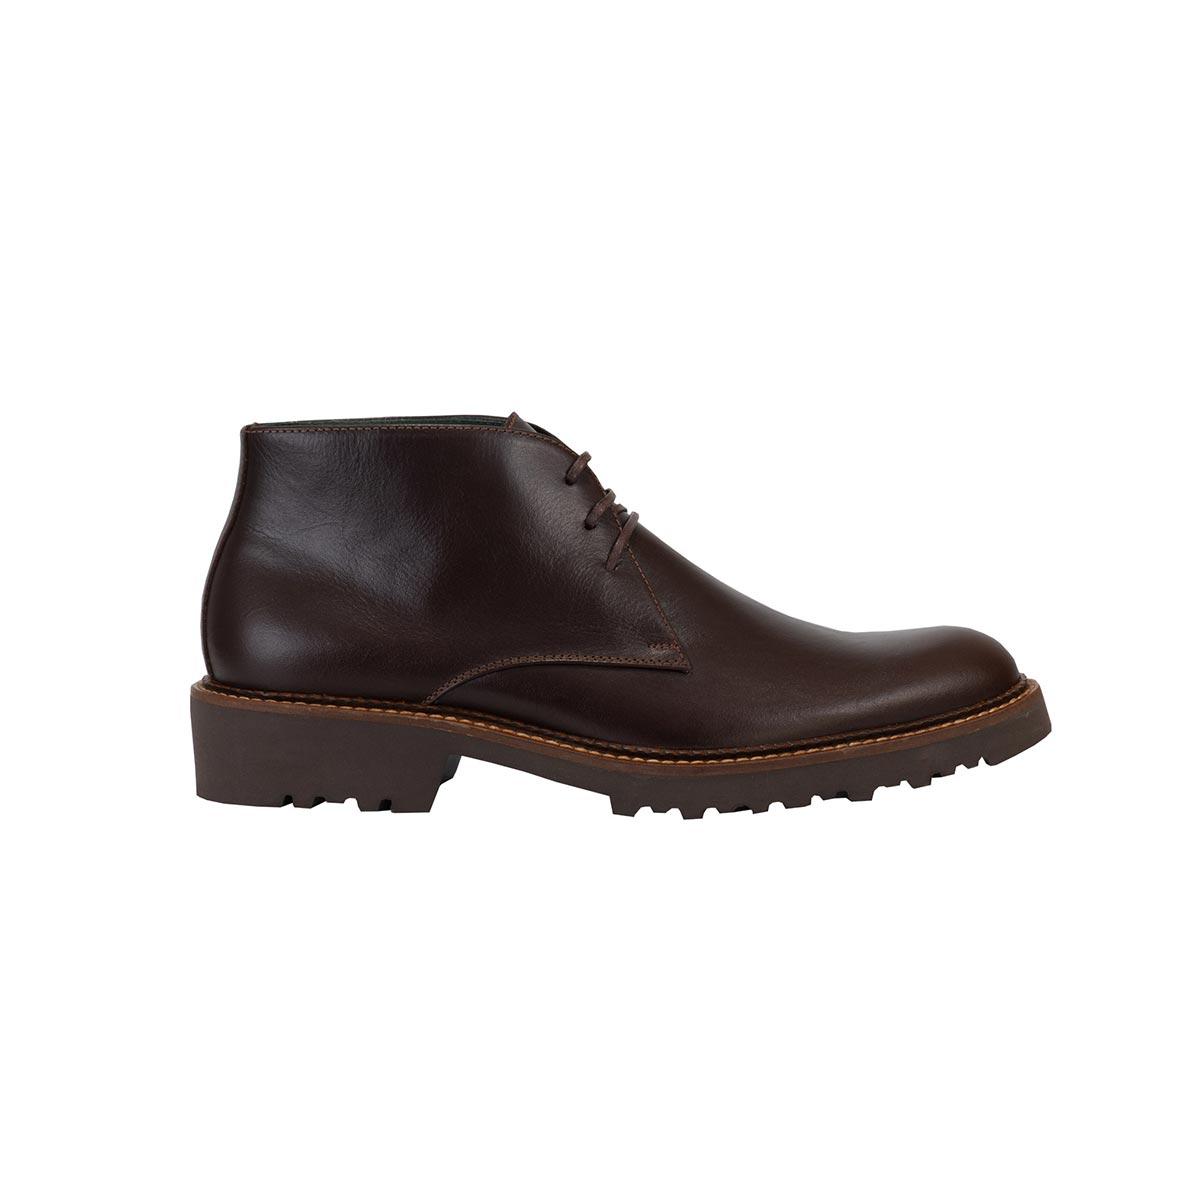 089-zapato-lateral